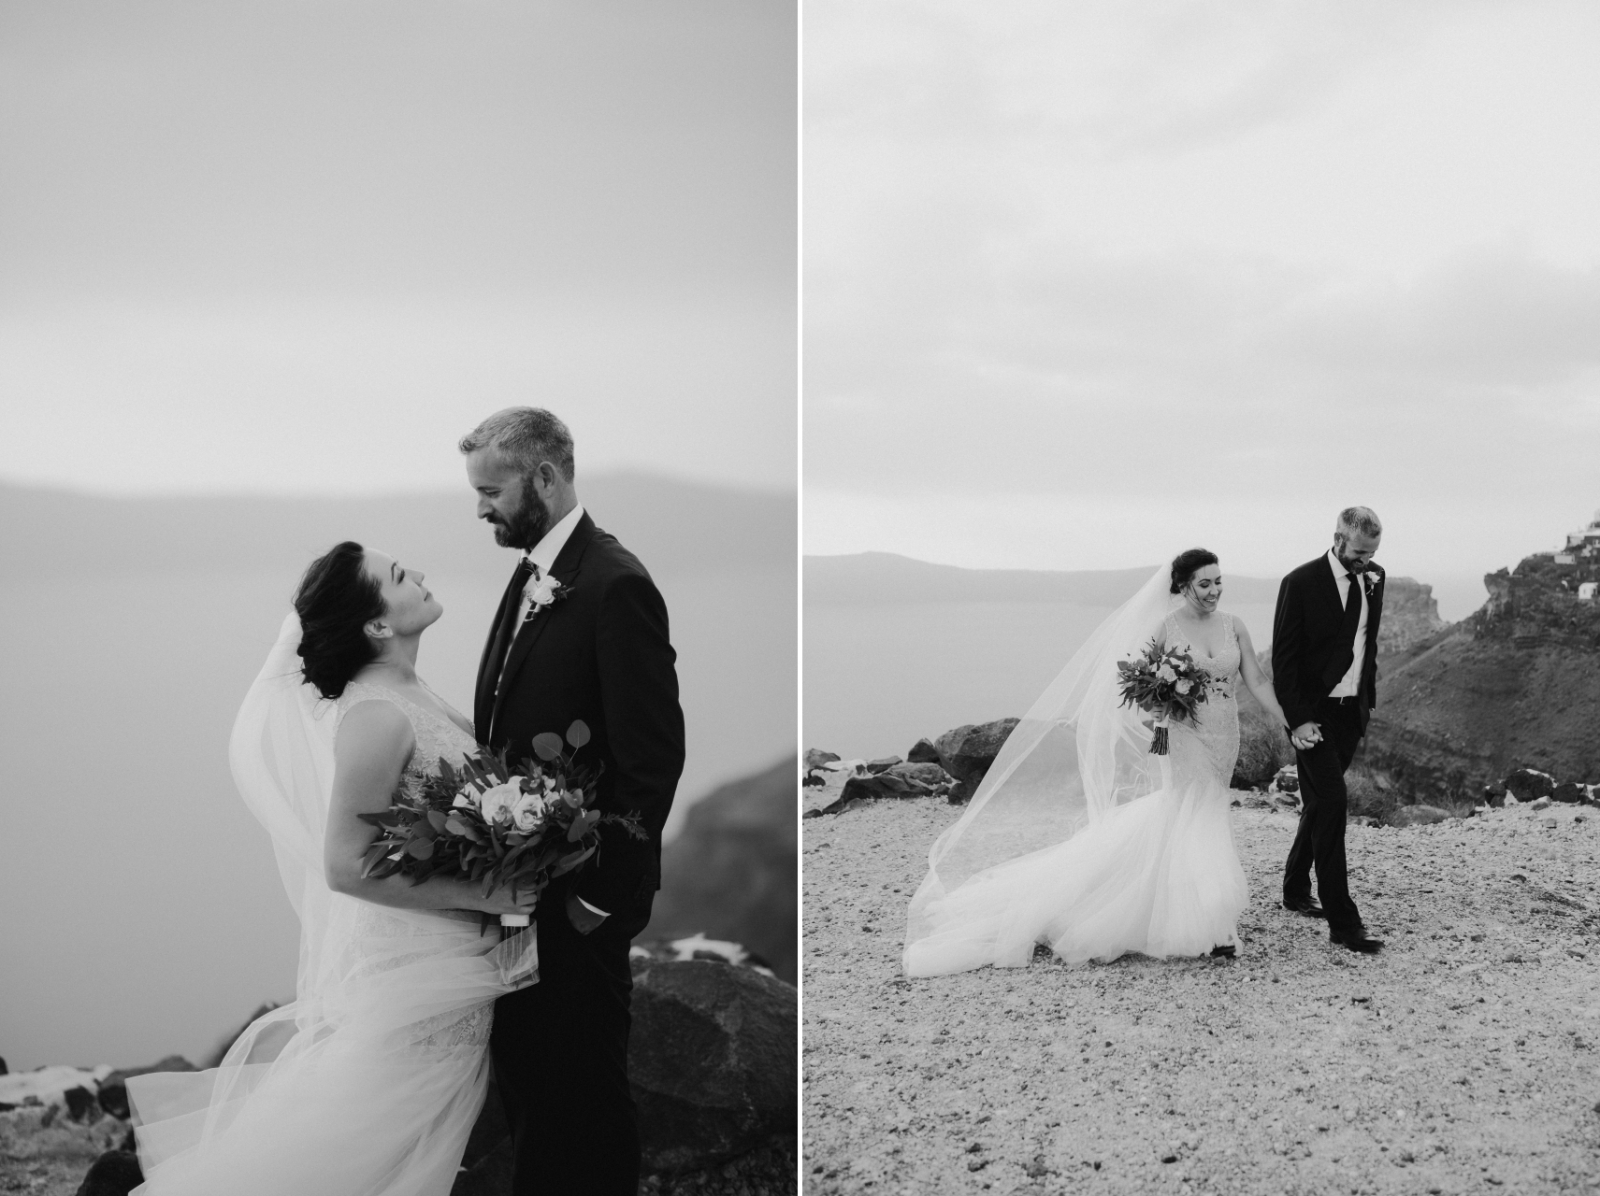 santorini-wedding-photographer72.jpg